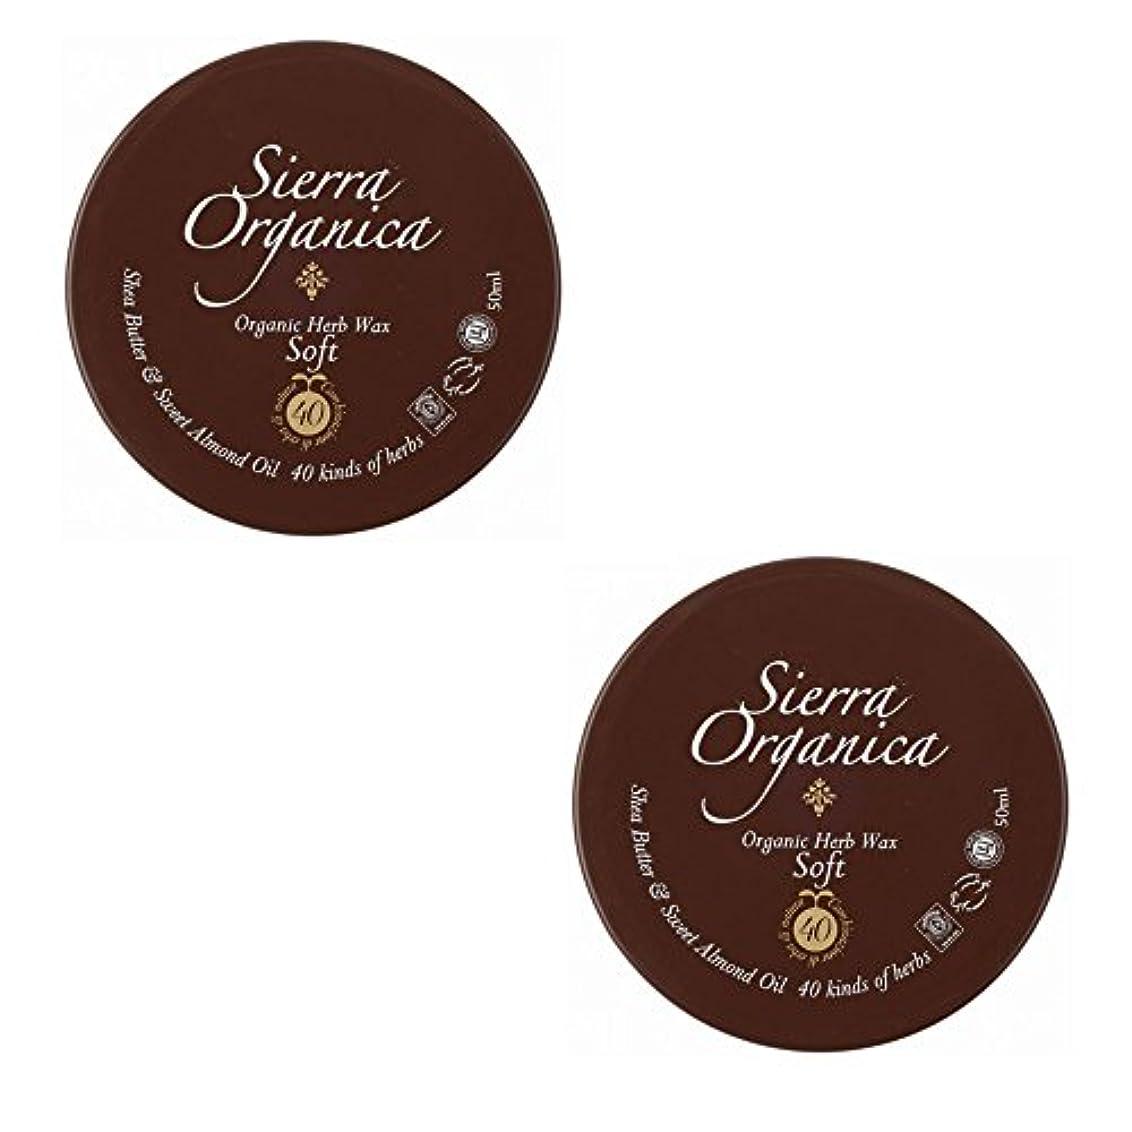 凍った食用貫通する【2個セット】シエラオーガニカ S&S オーガニックハーブワックス ソフト50ml